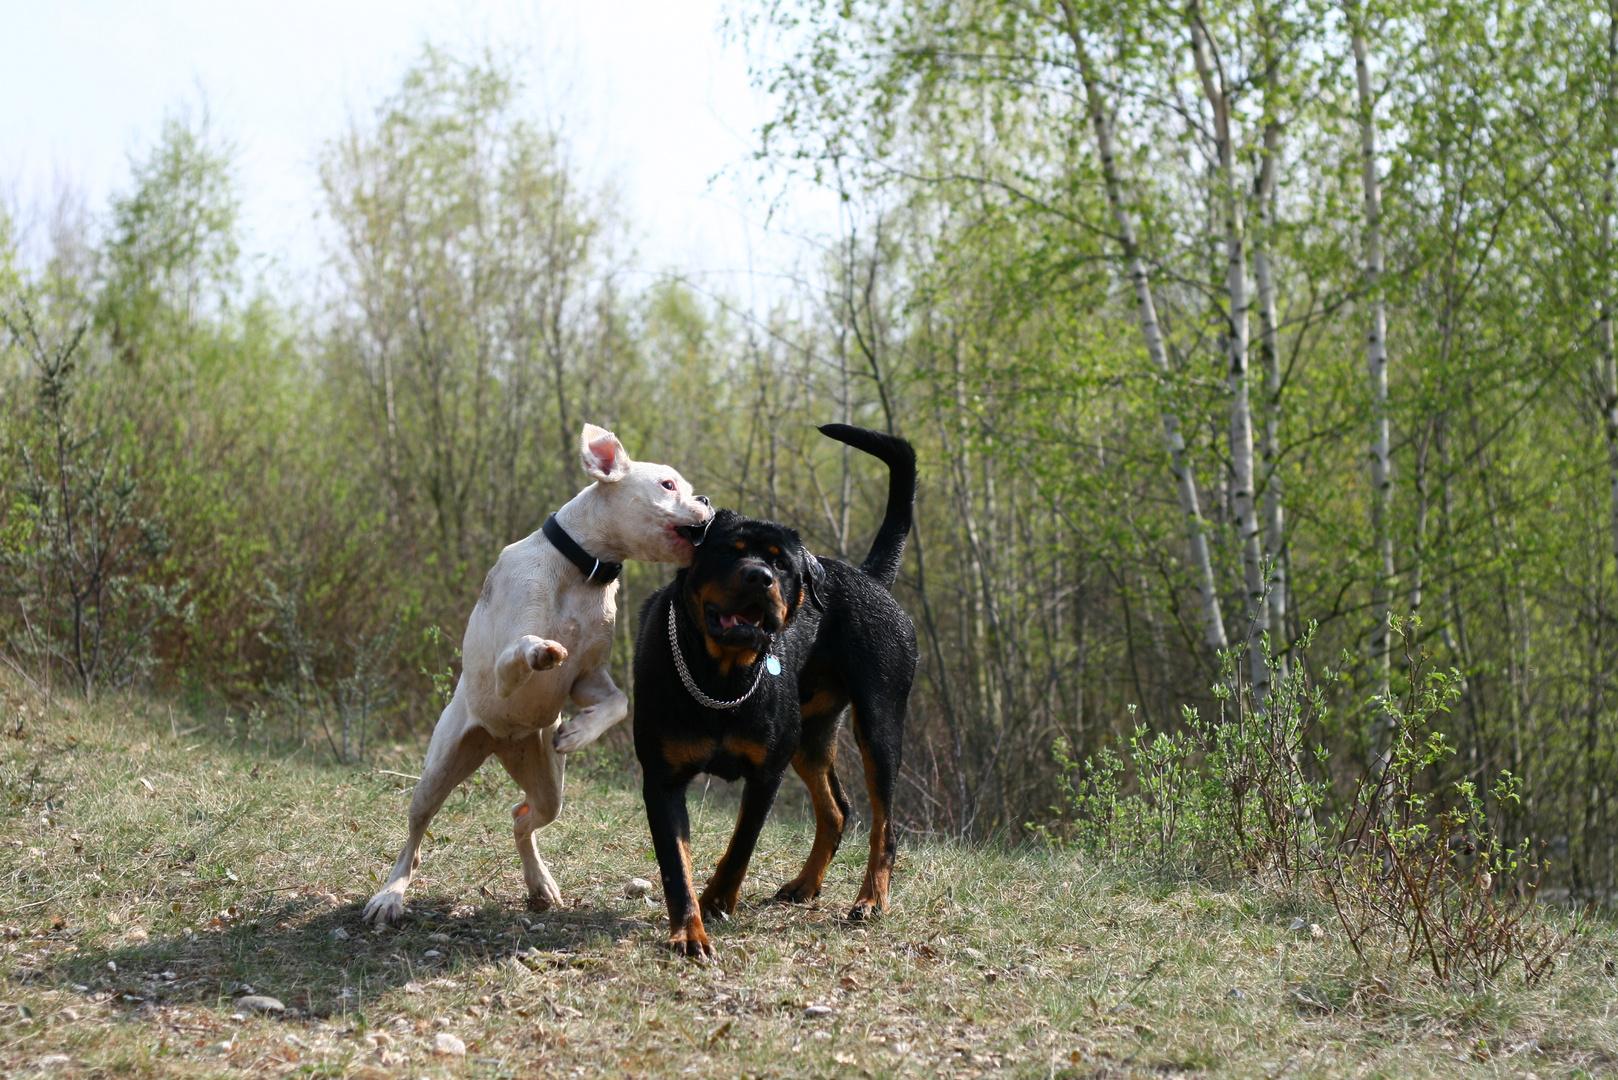 Boxer vs. Rottweiler